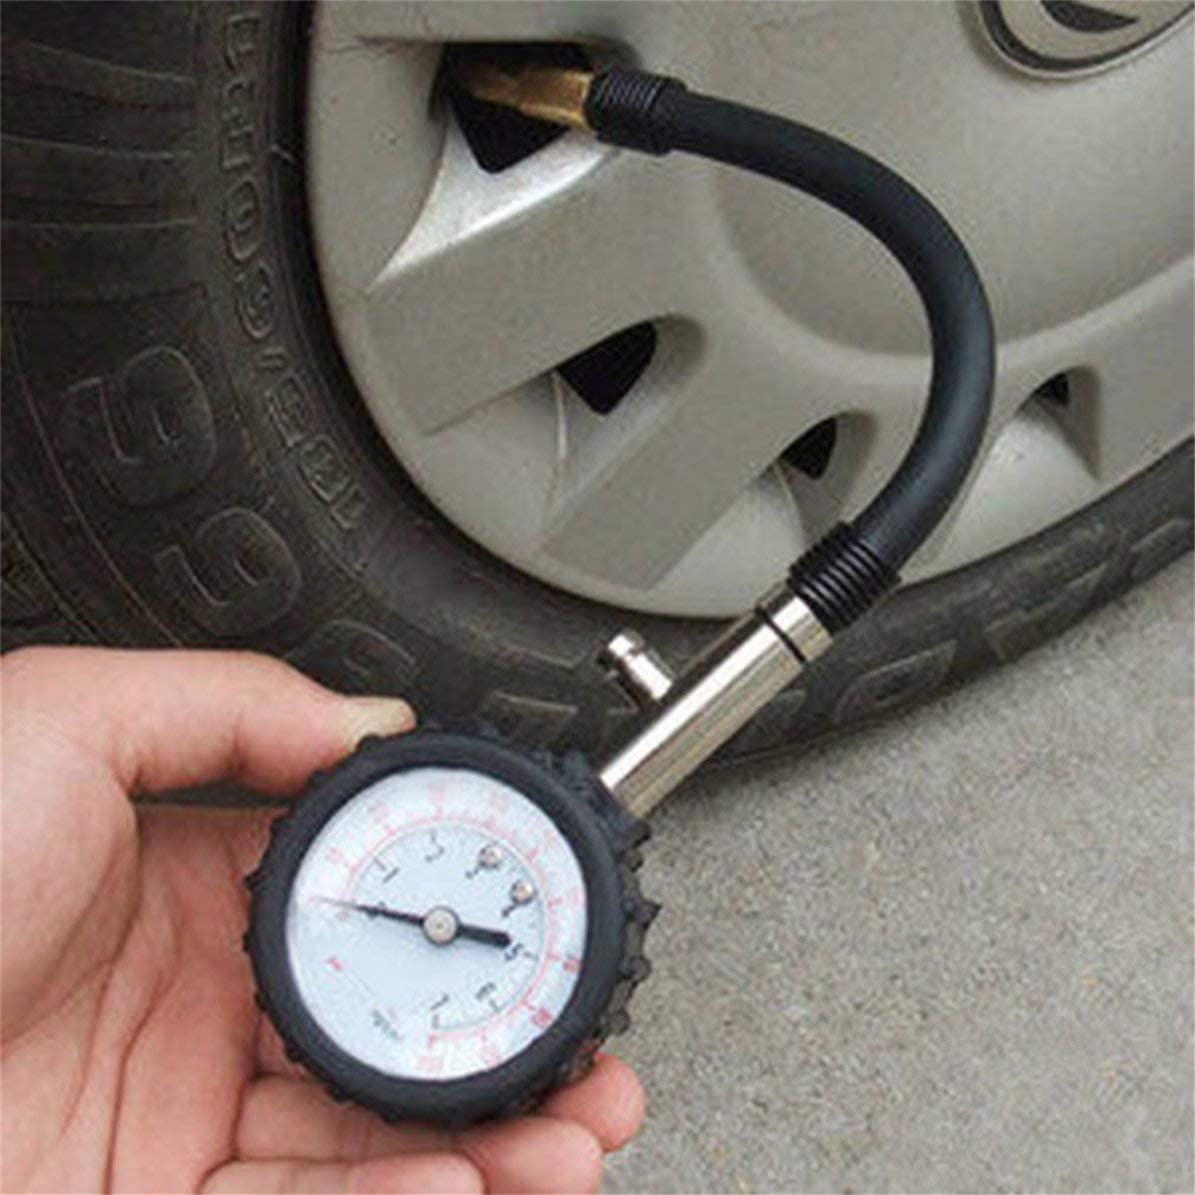 Wei/ß MarinoBIRD Meter Reifendruckmesser 0-100PSI Auto Car Bike Motor Reifen Luftdruckmesser Meter Fahrzeugpr/üfsystem /Überwachungssystem Messger/ät Schwarz